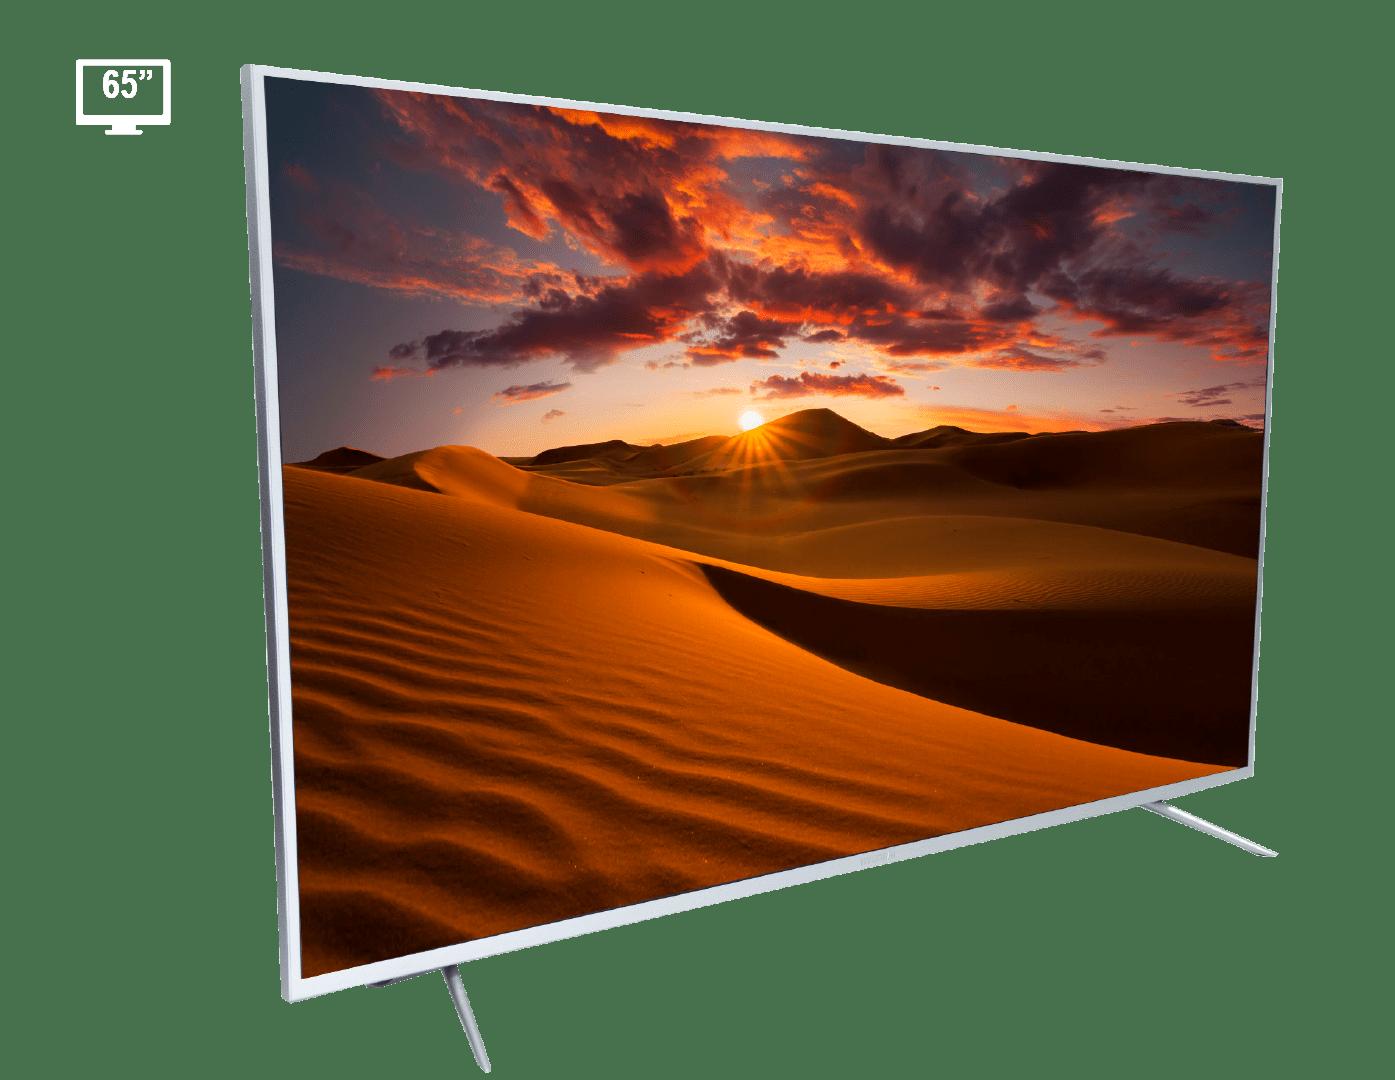 _hyundai-smart-tv-catalogo-65-min